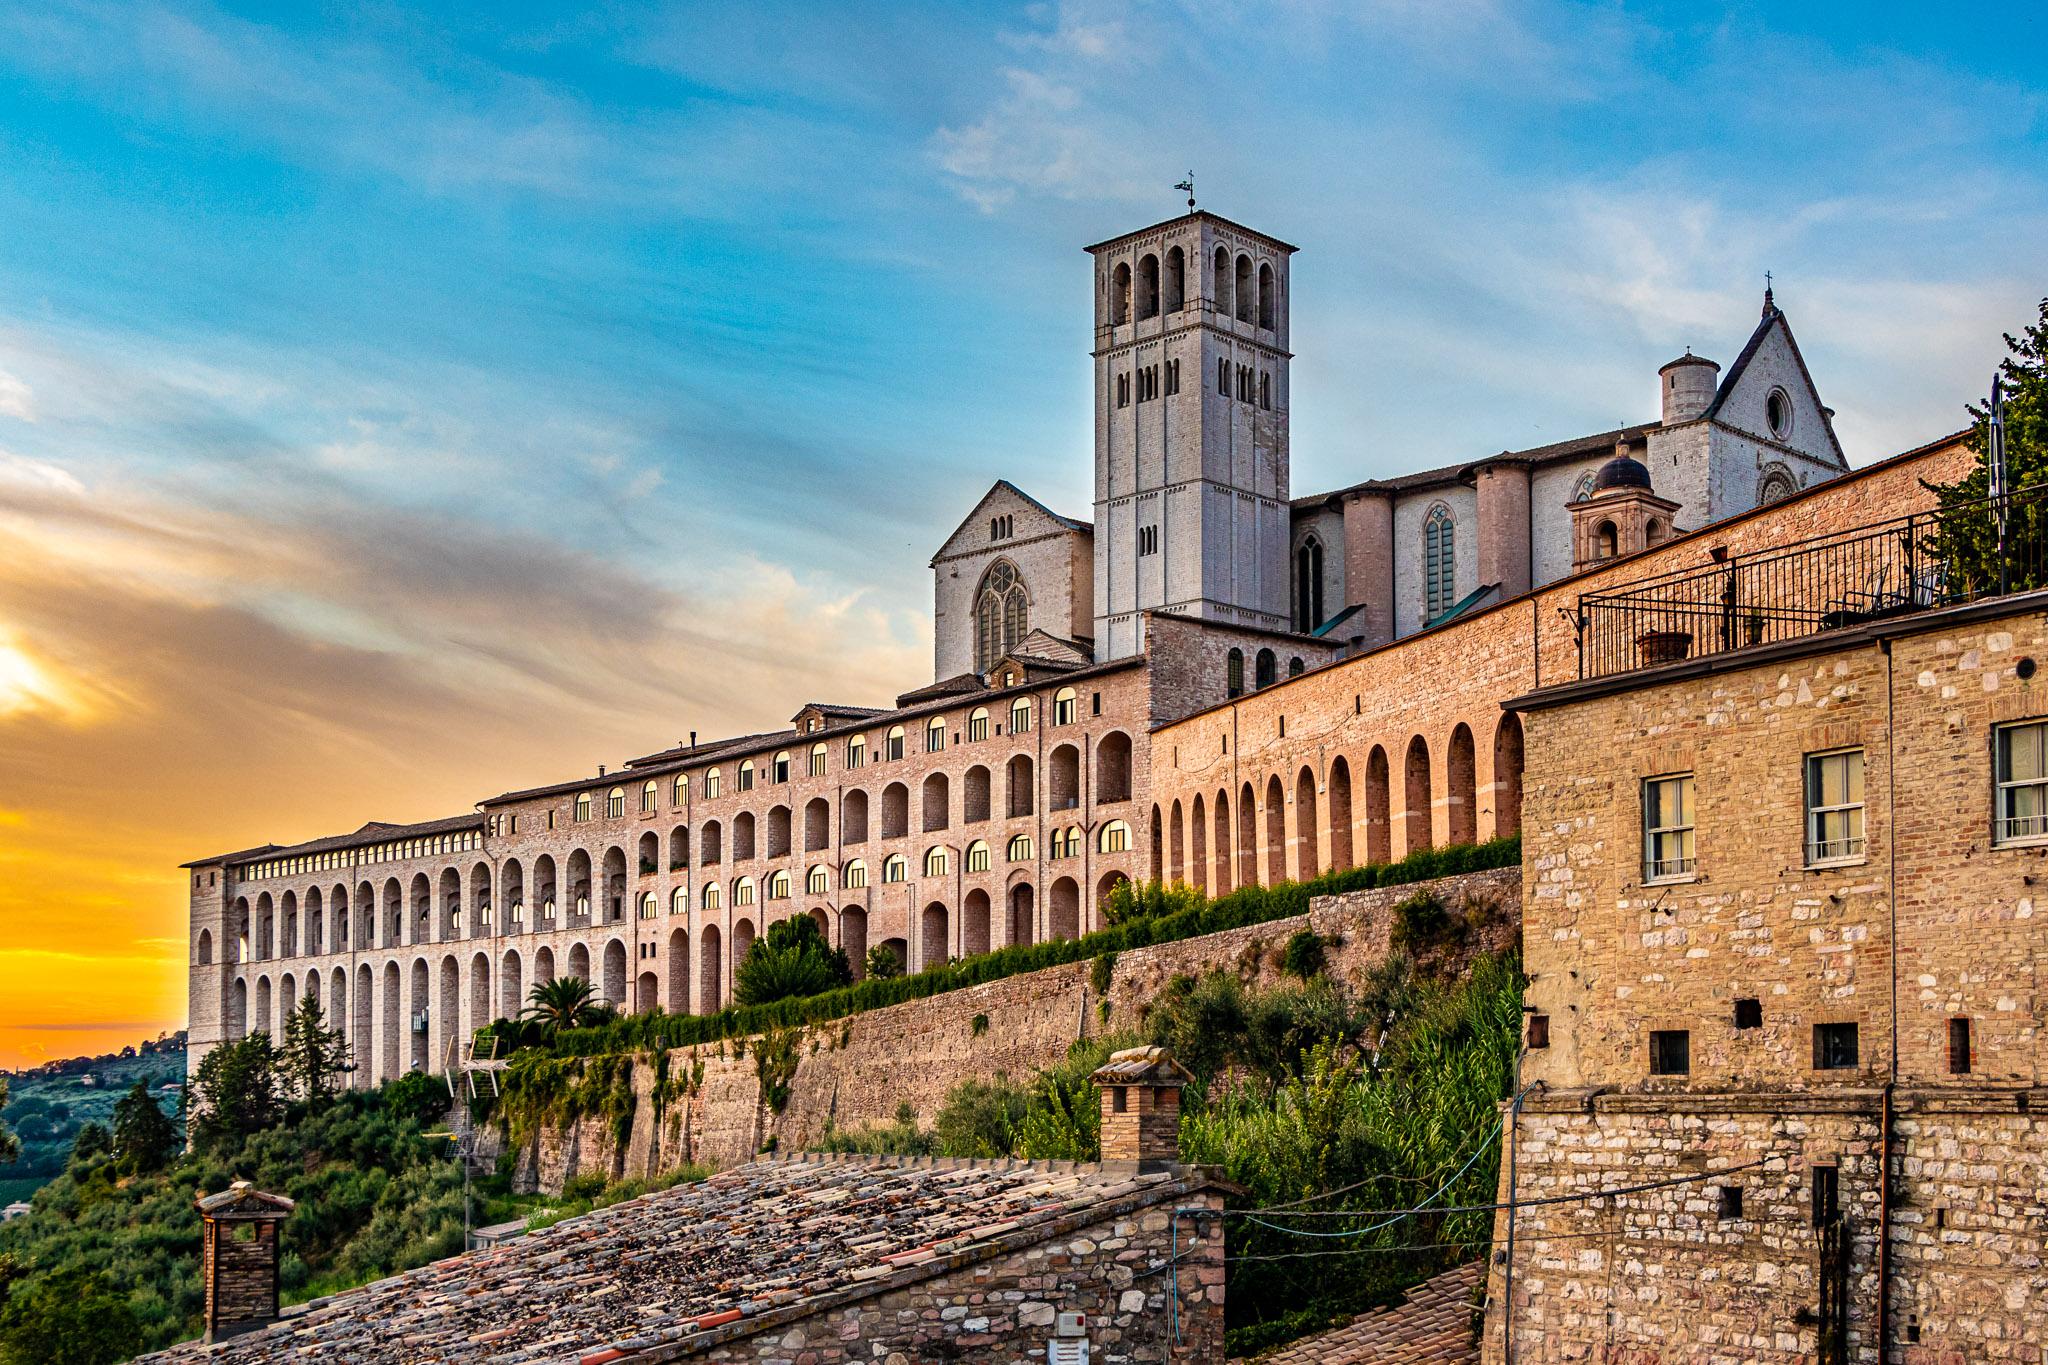 Basilica di San Francesco d'Assisi al Tramonto